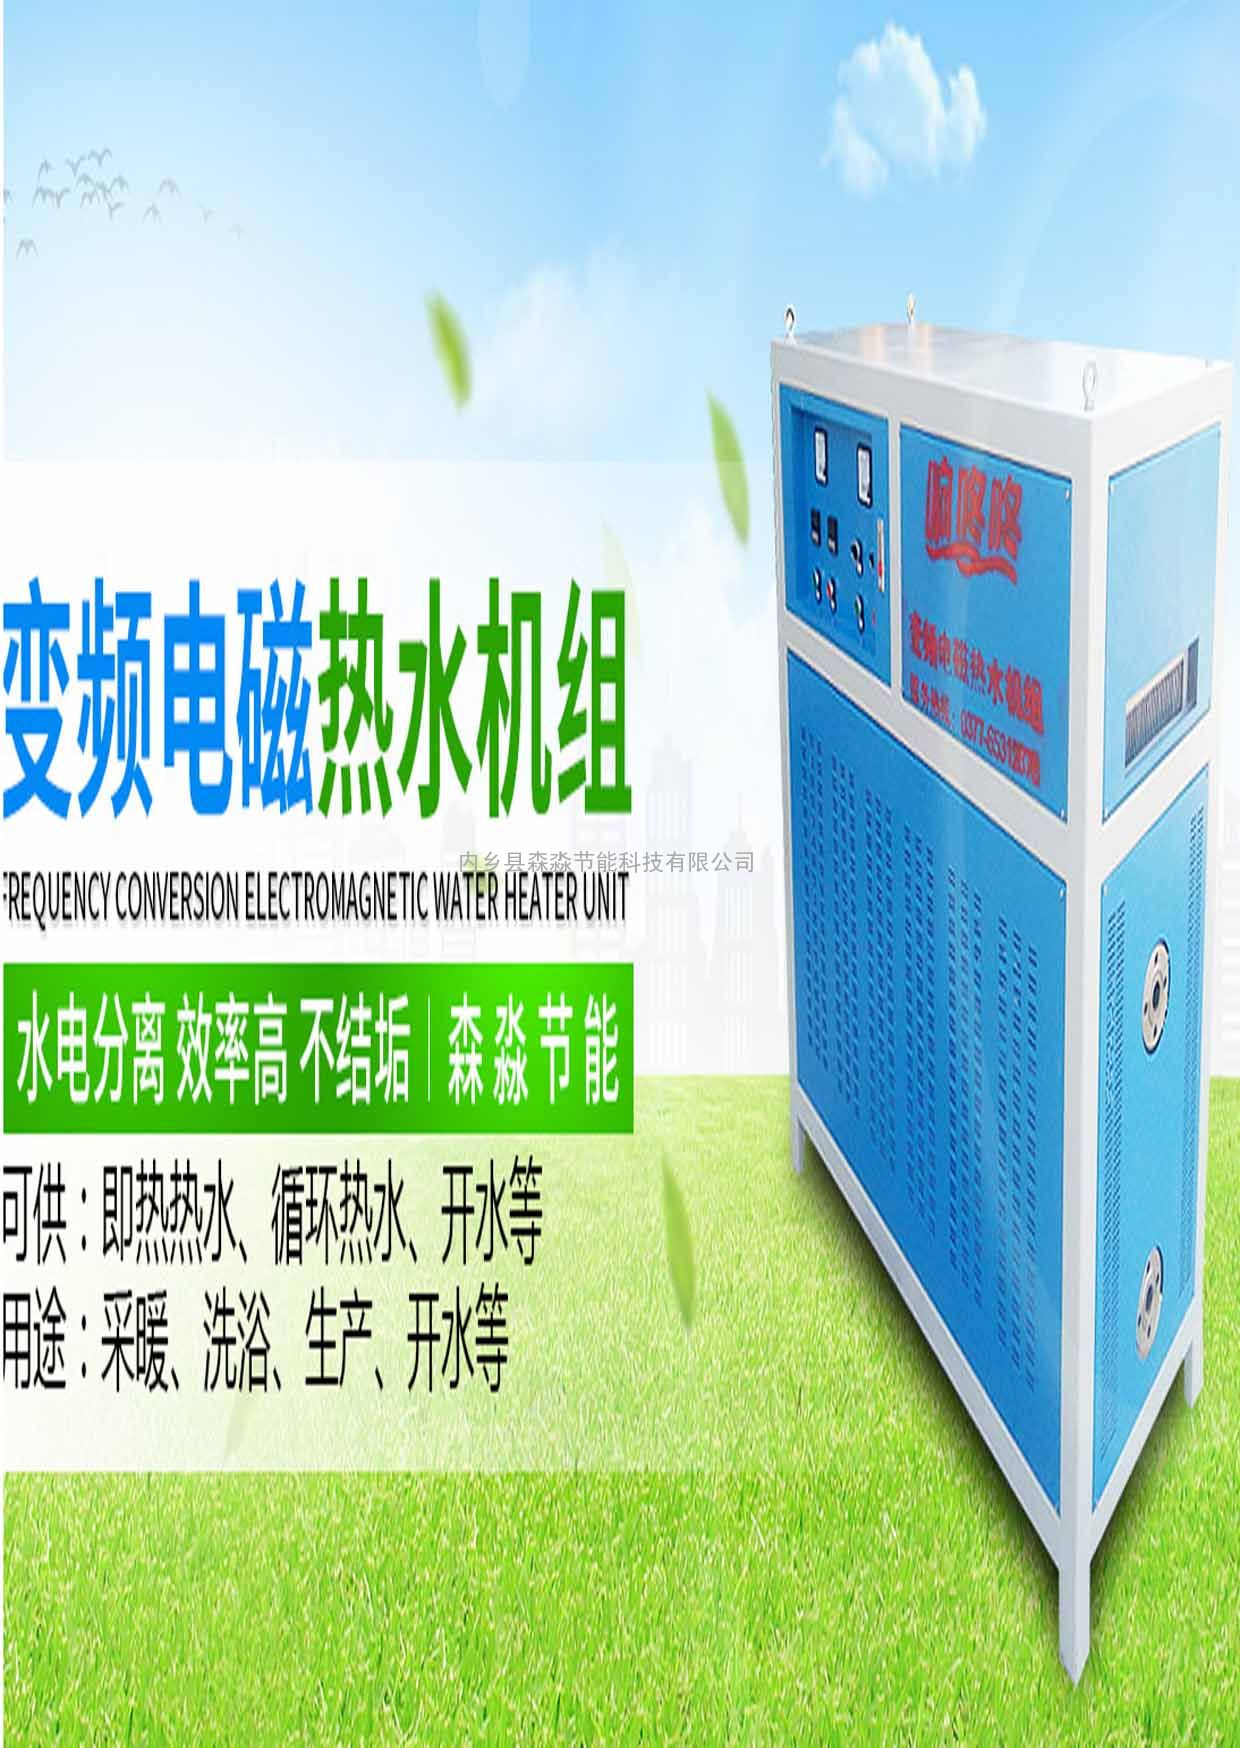 直销学校生活热水电锅炉,立式水电分离电磁锅炉